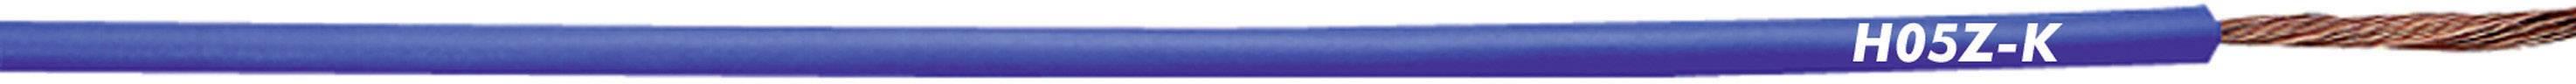 Opletenie / lanko LappKabel 4725012 H05Z-K, 1 x 0.75 mm², vonkajší Ø 2.30 mm, metrový tovar, čierna